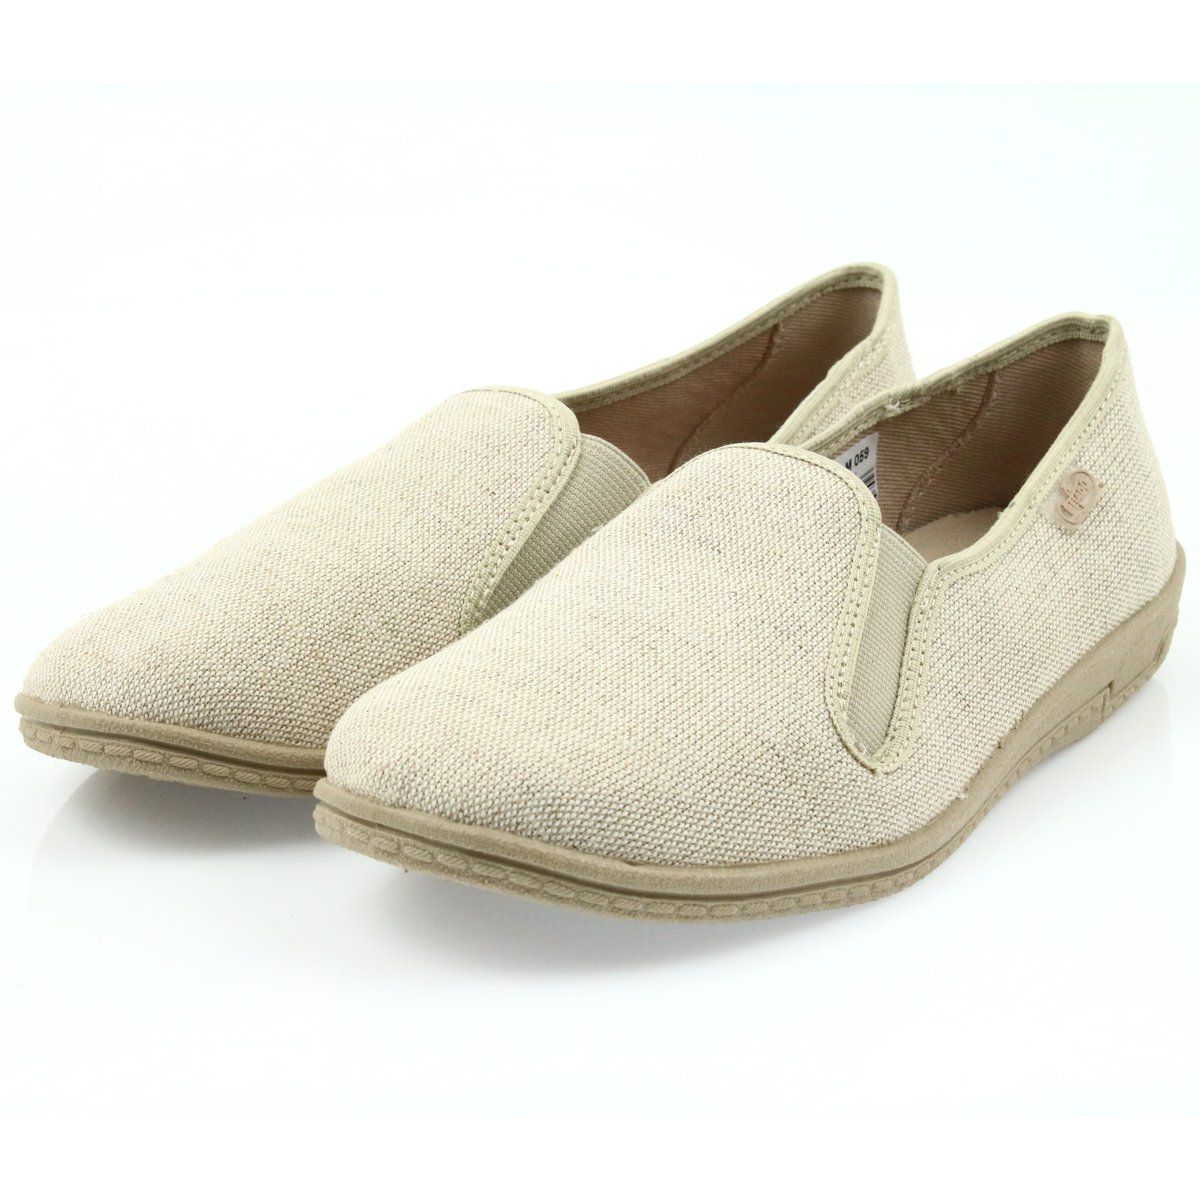 Befado Buty Meskie Tenisowki Kapcie 001m059 Brazowe Sneakers Men Sneaker Slippers Sneakers